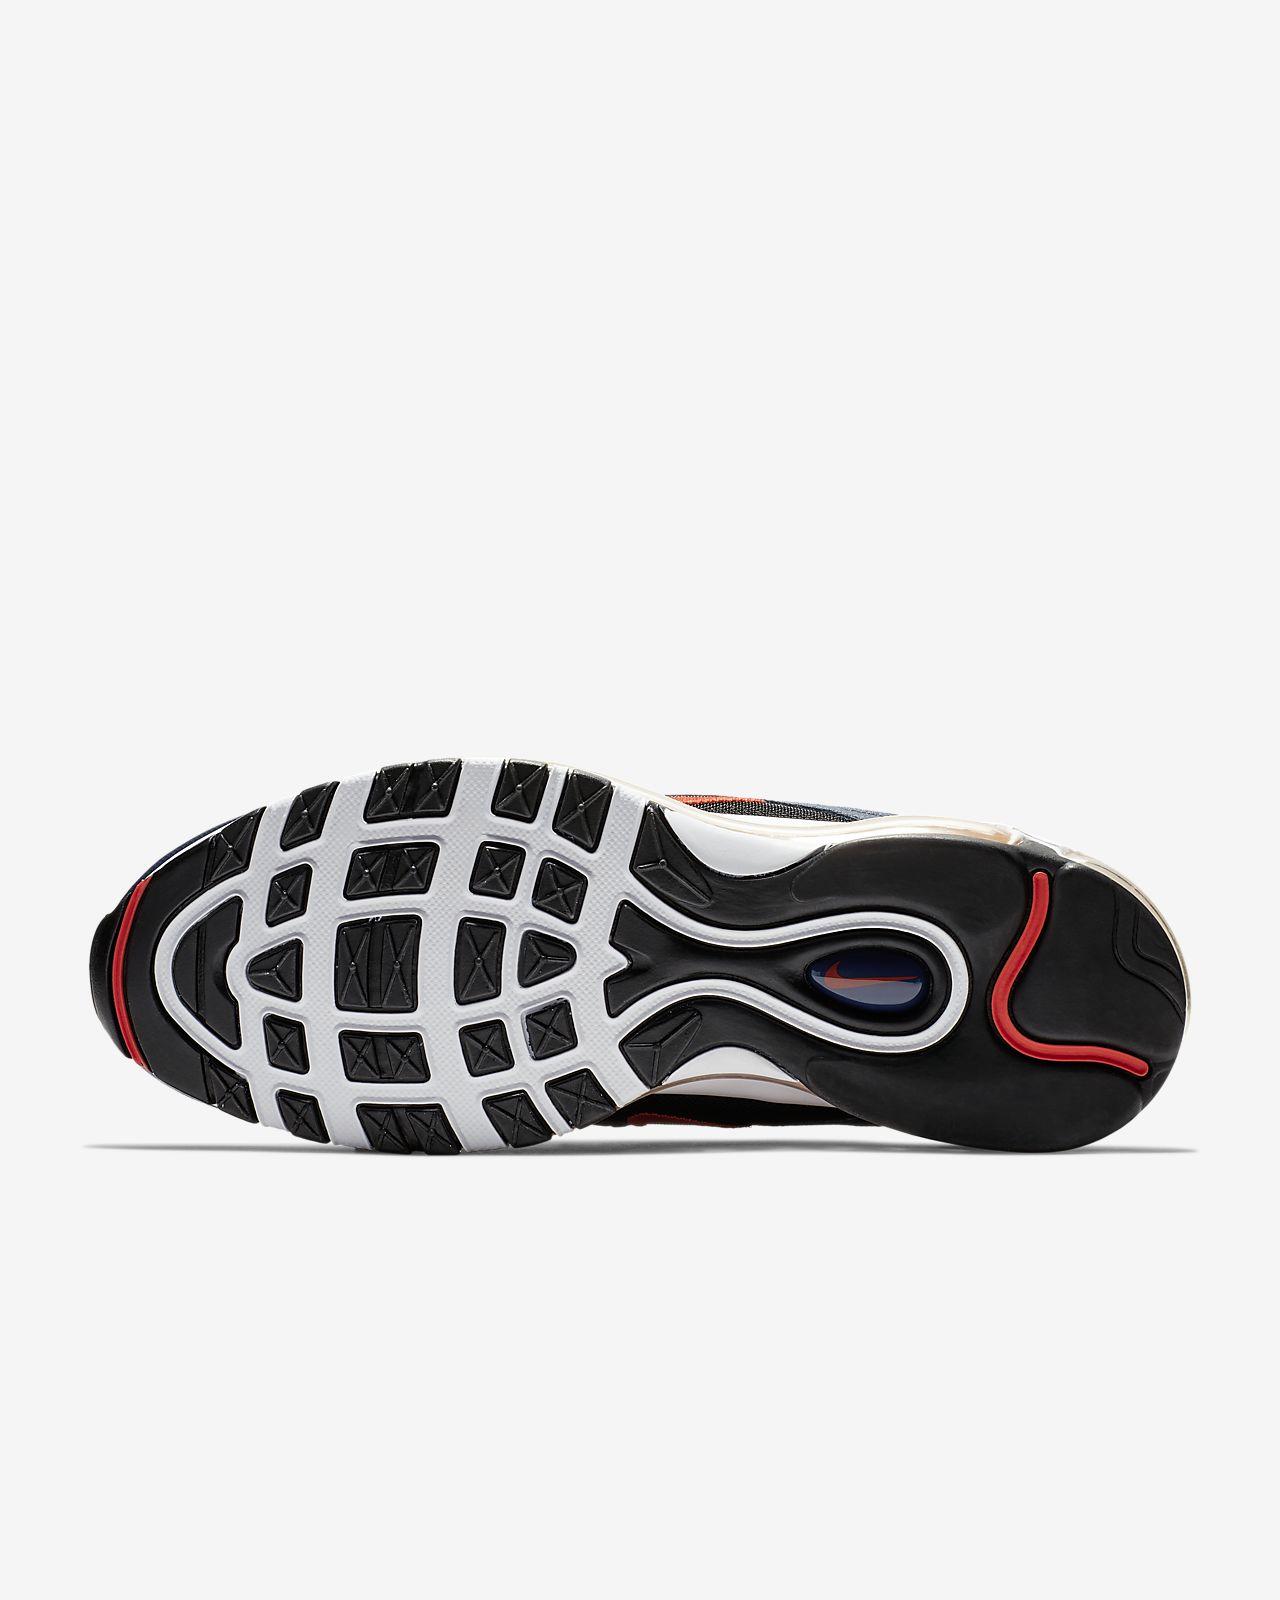 e2f801b05 Calzado para hombre Nike Air Max 97. Nike.com MX